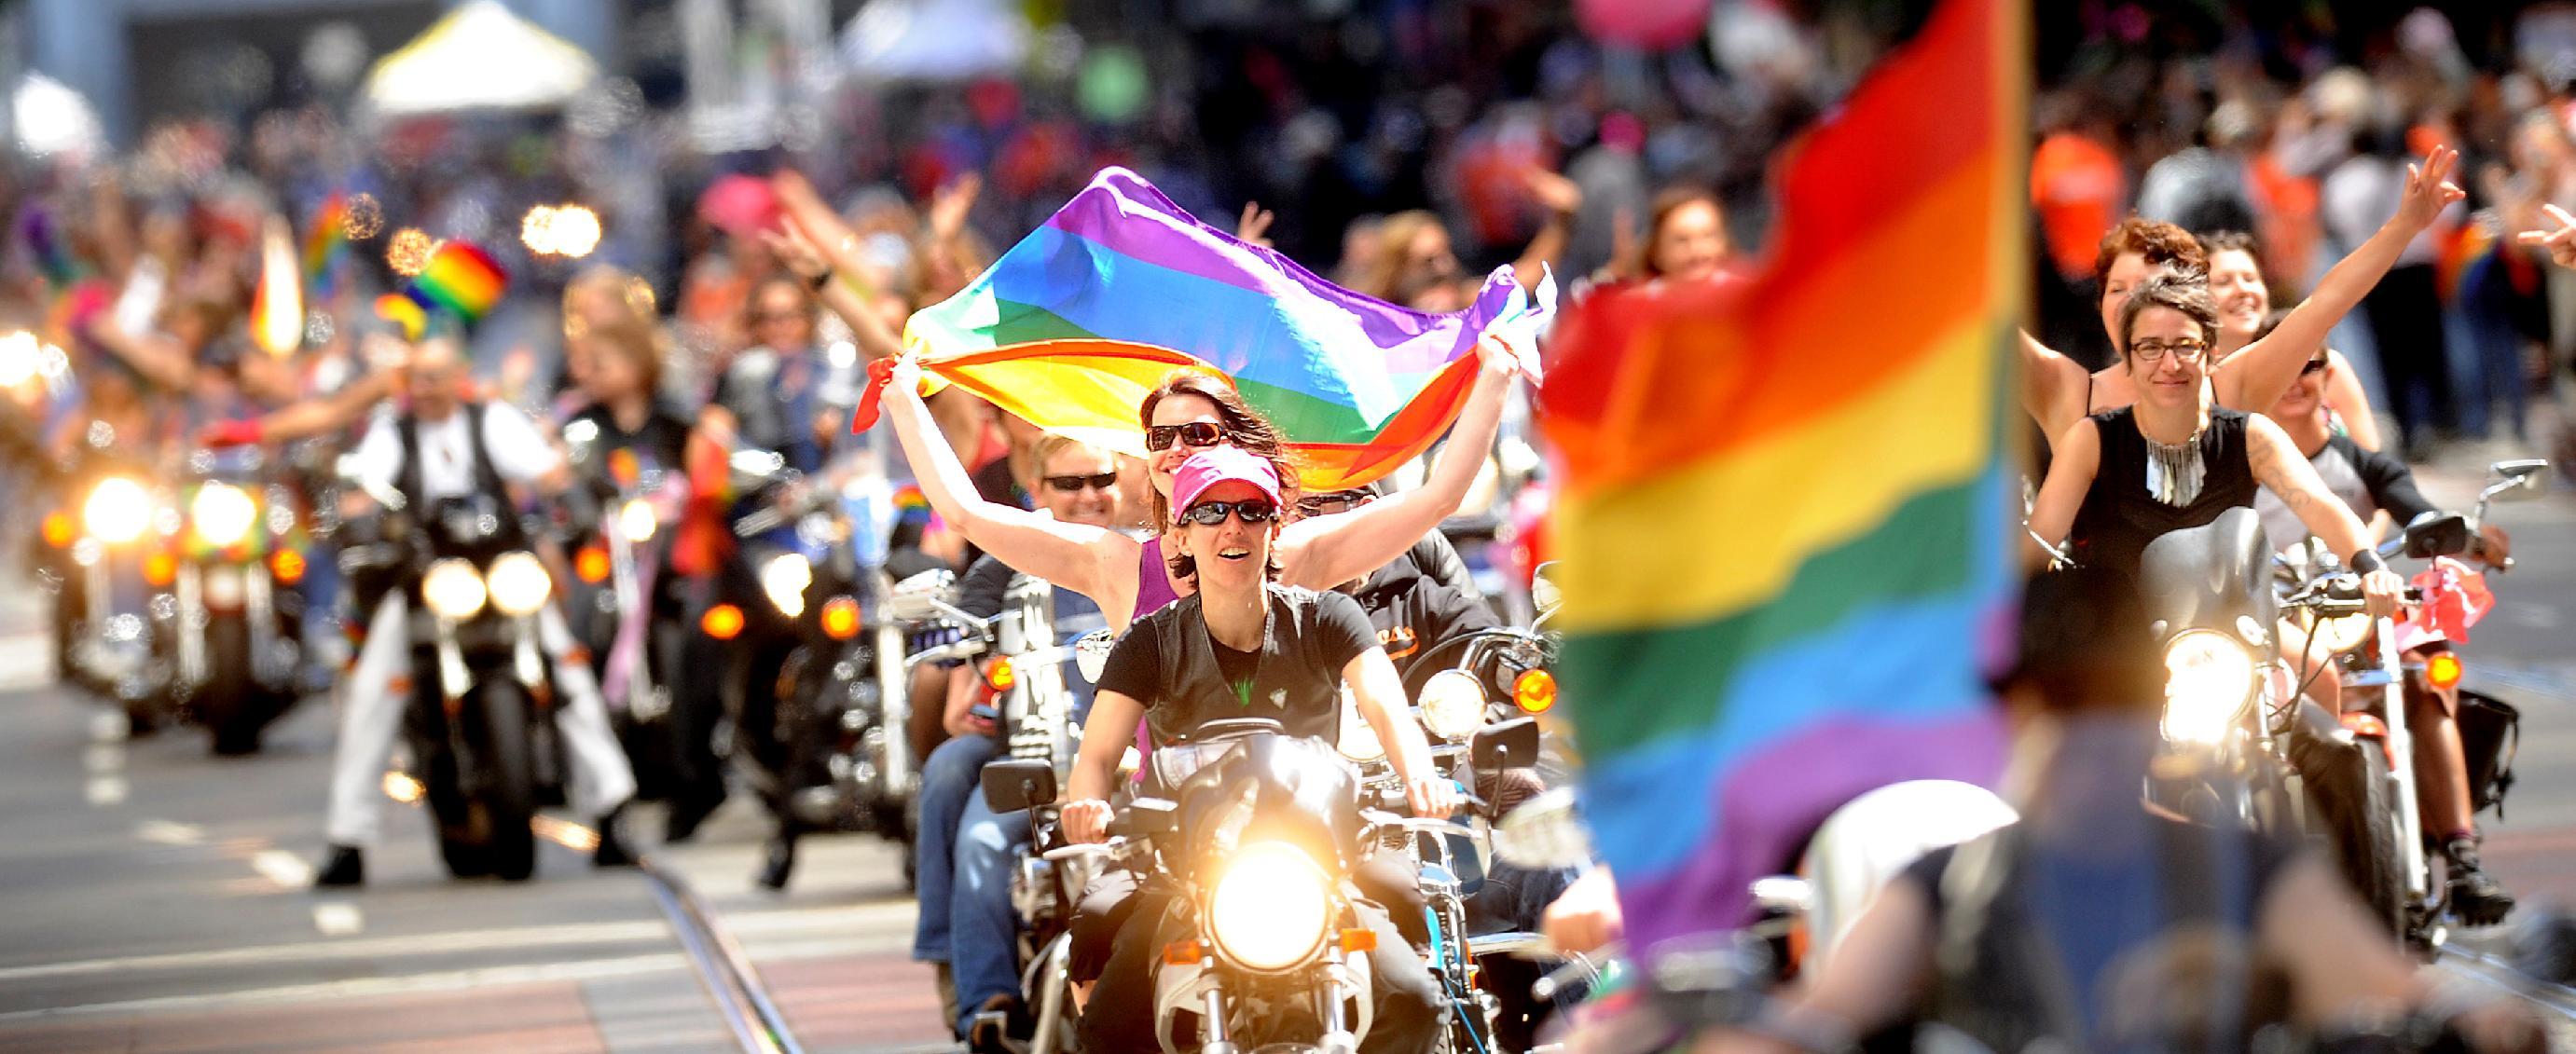 Franscico gay pride